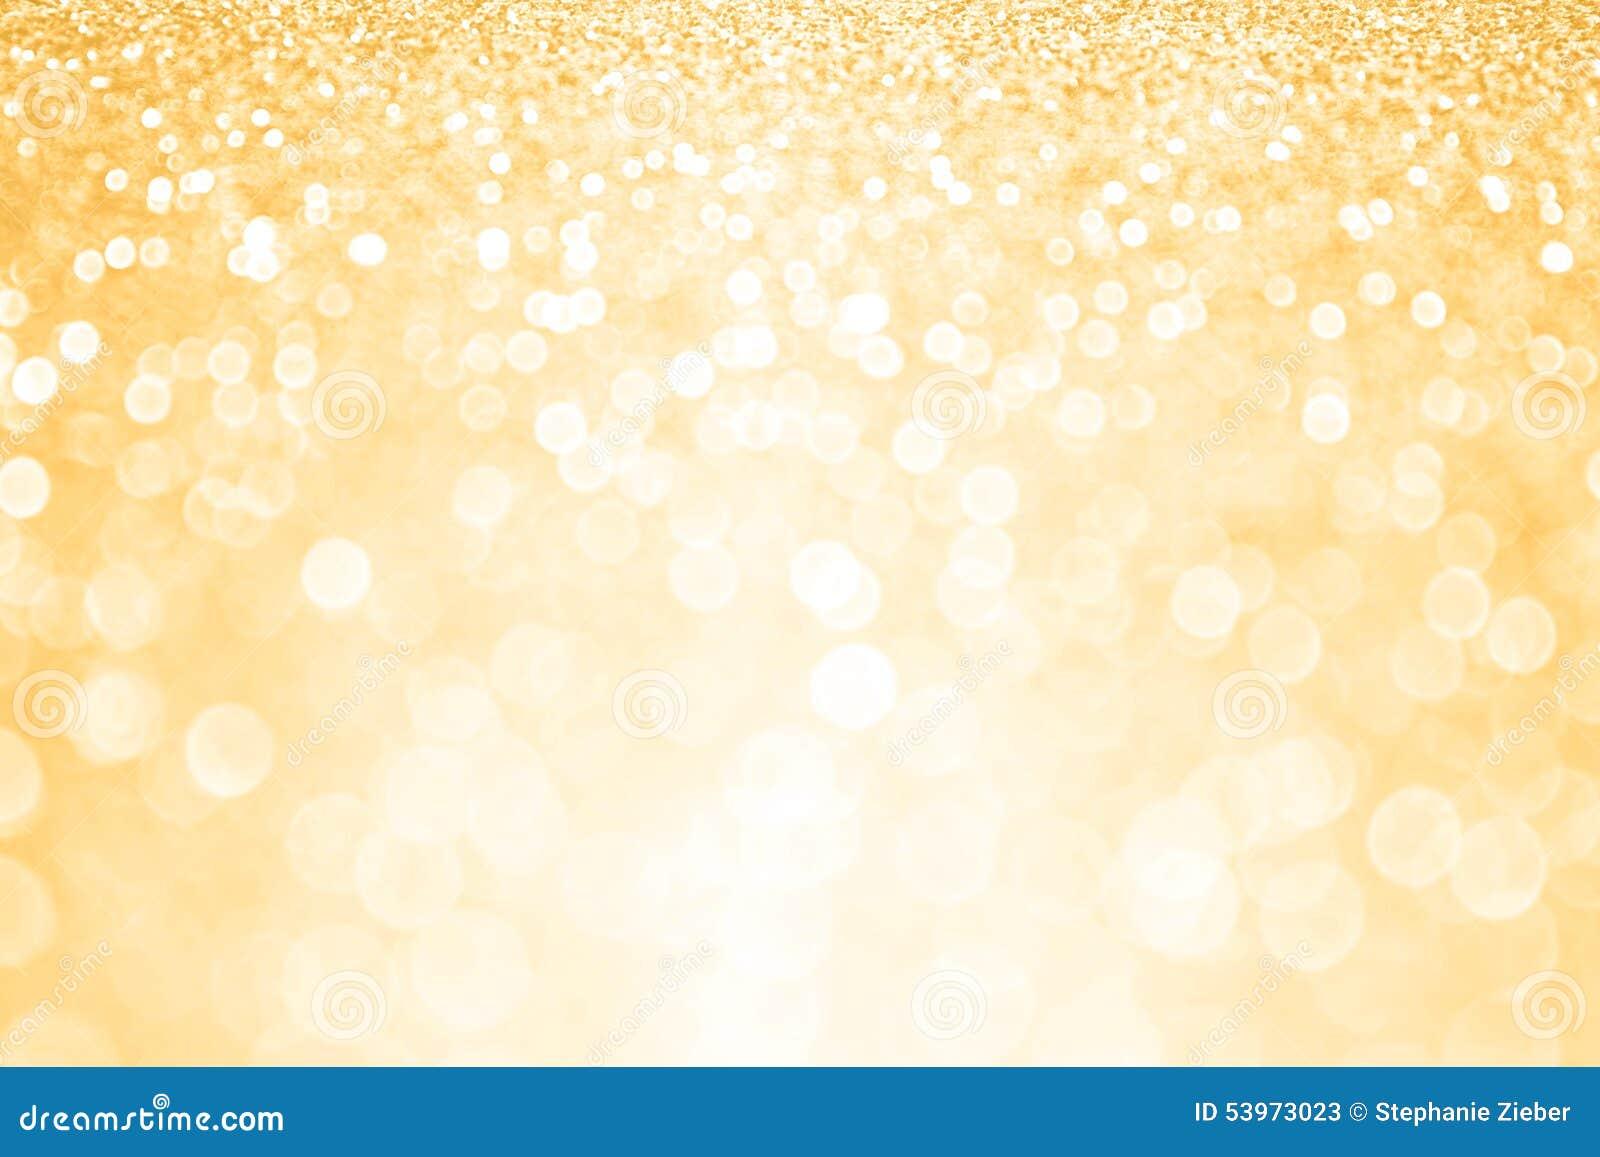 Fundo dourado da festa de anos